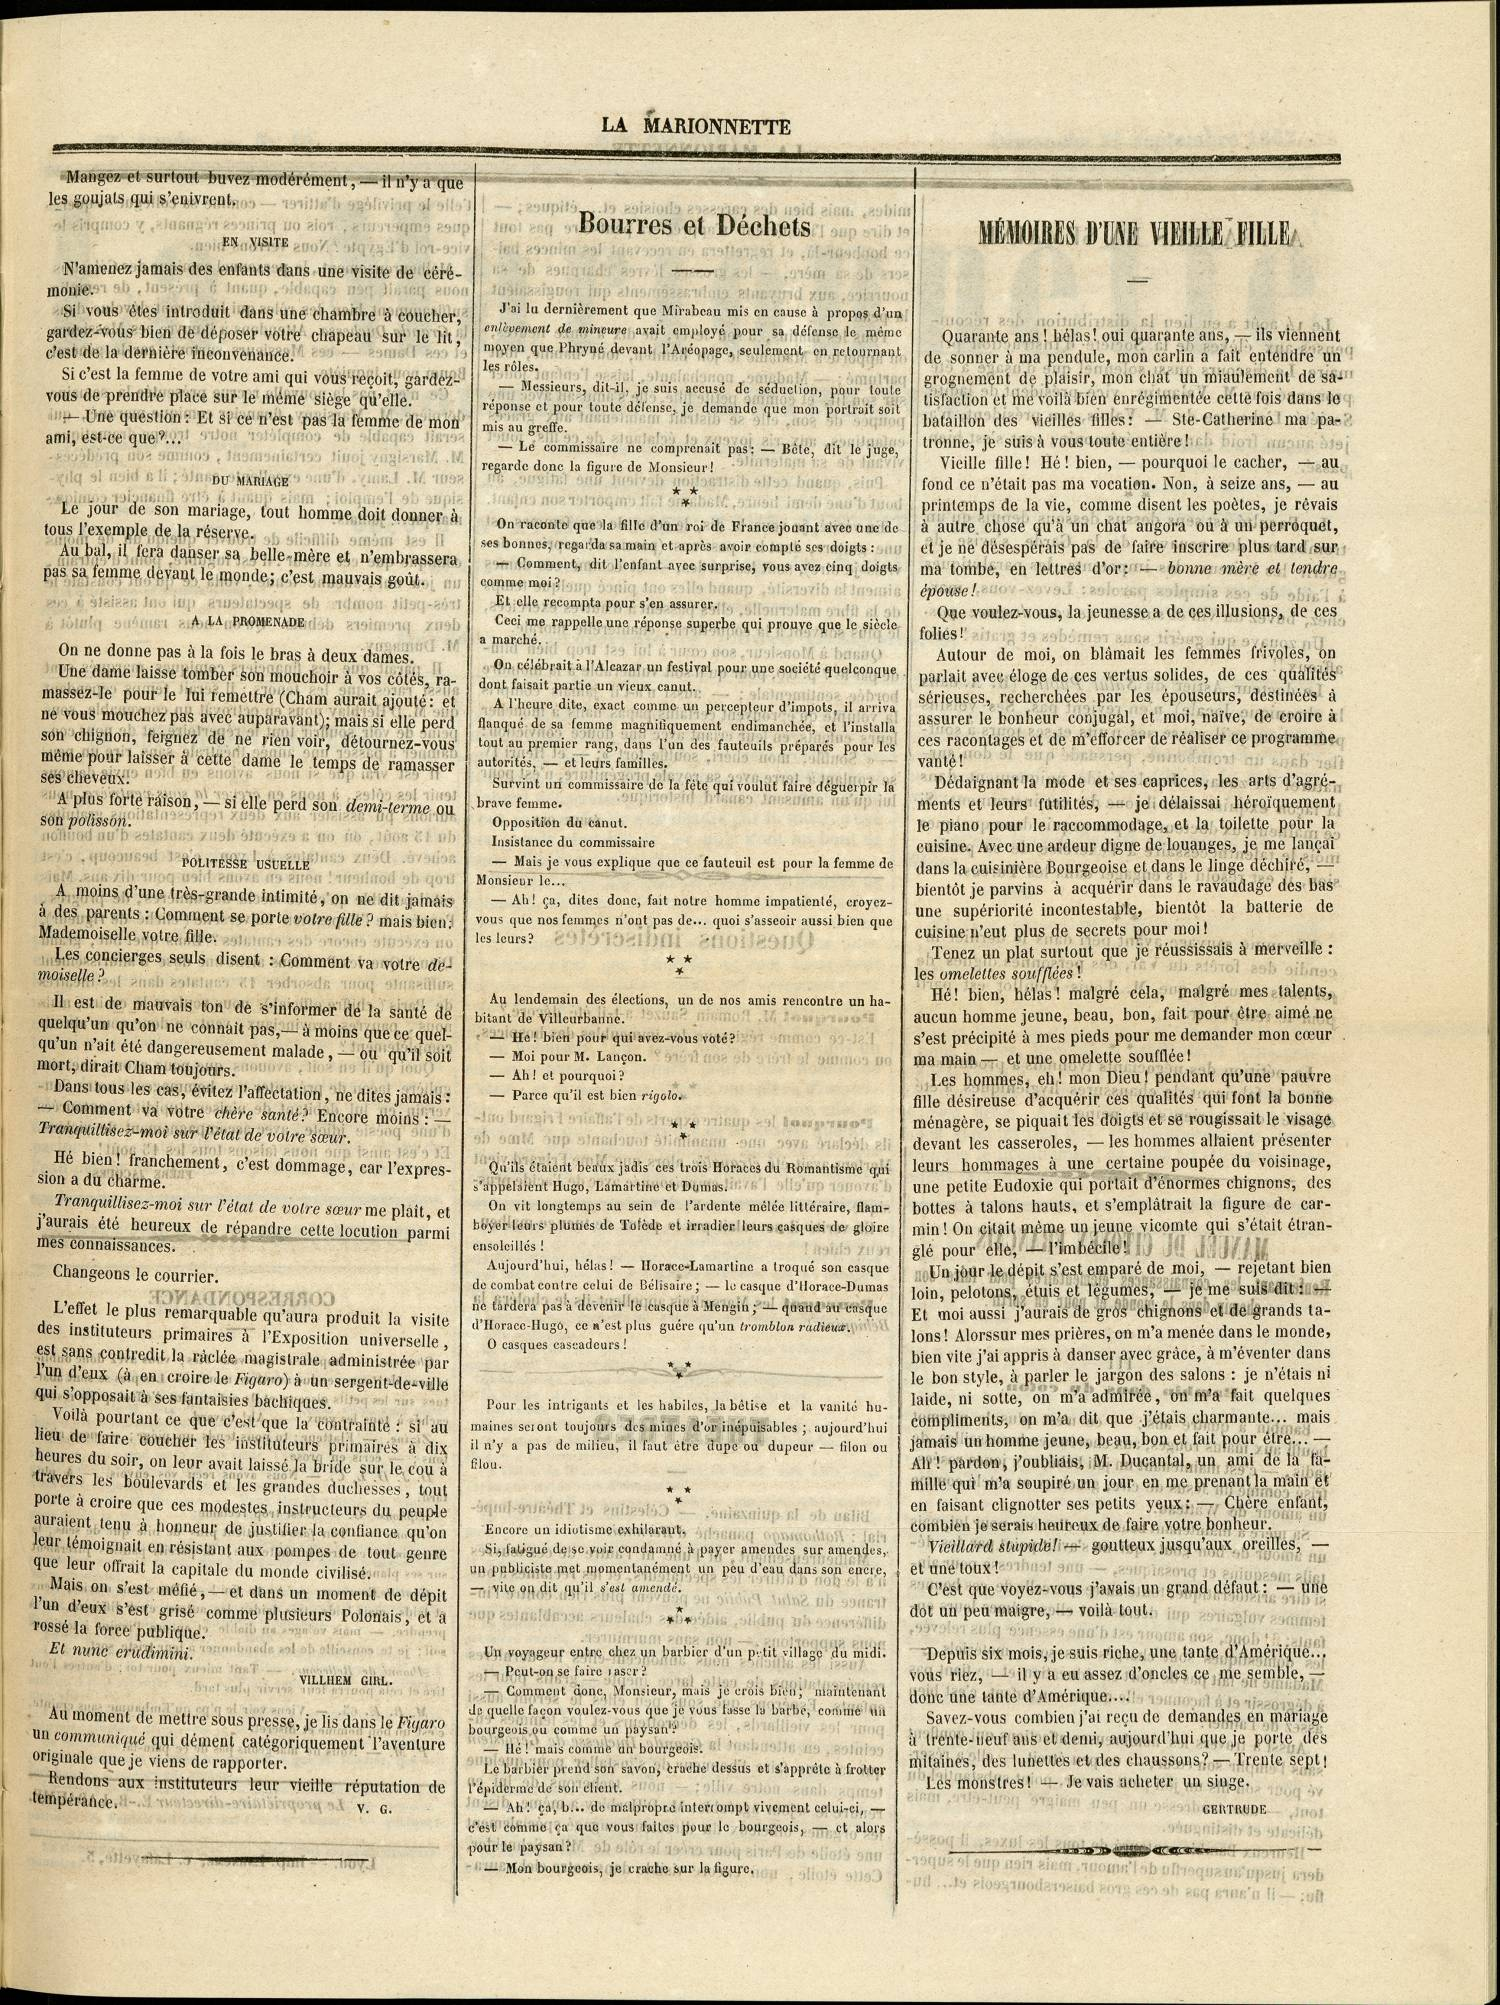 Contenu textuel de l'image : MÉMOIRES D'UNE VIEILLE FILLE